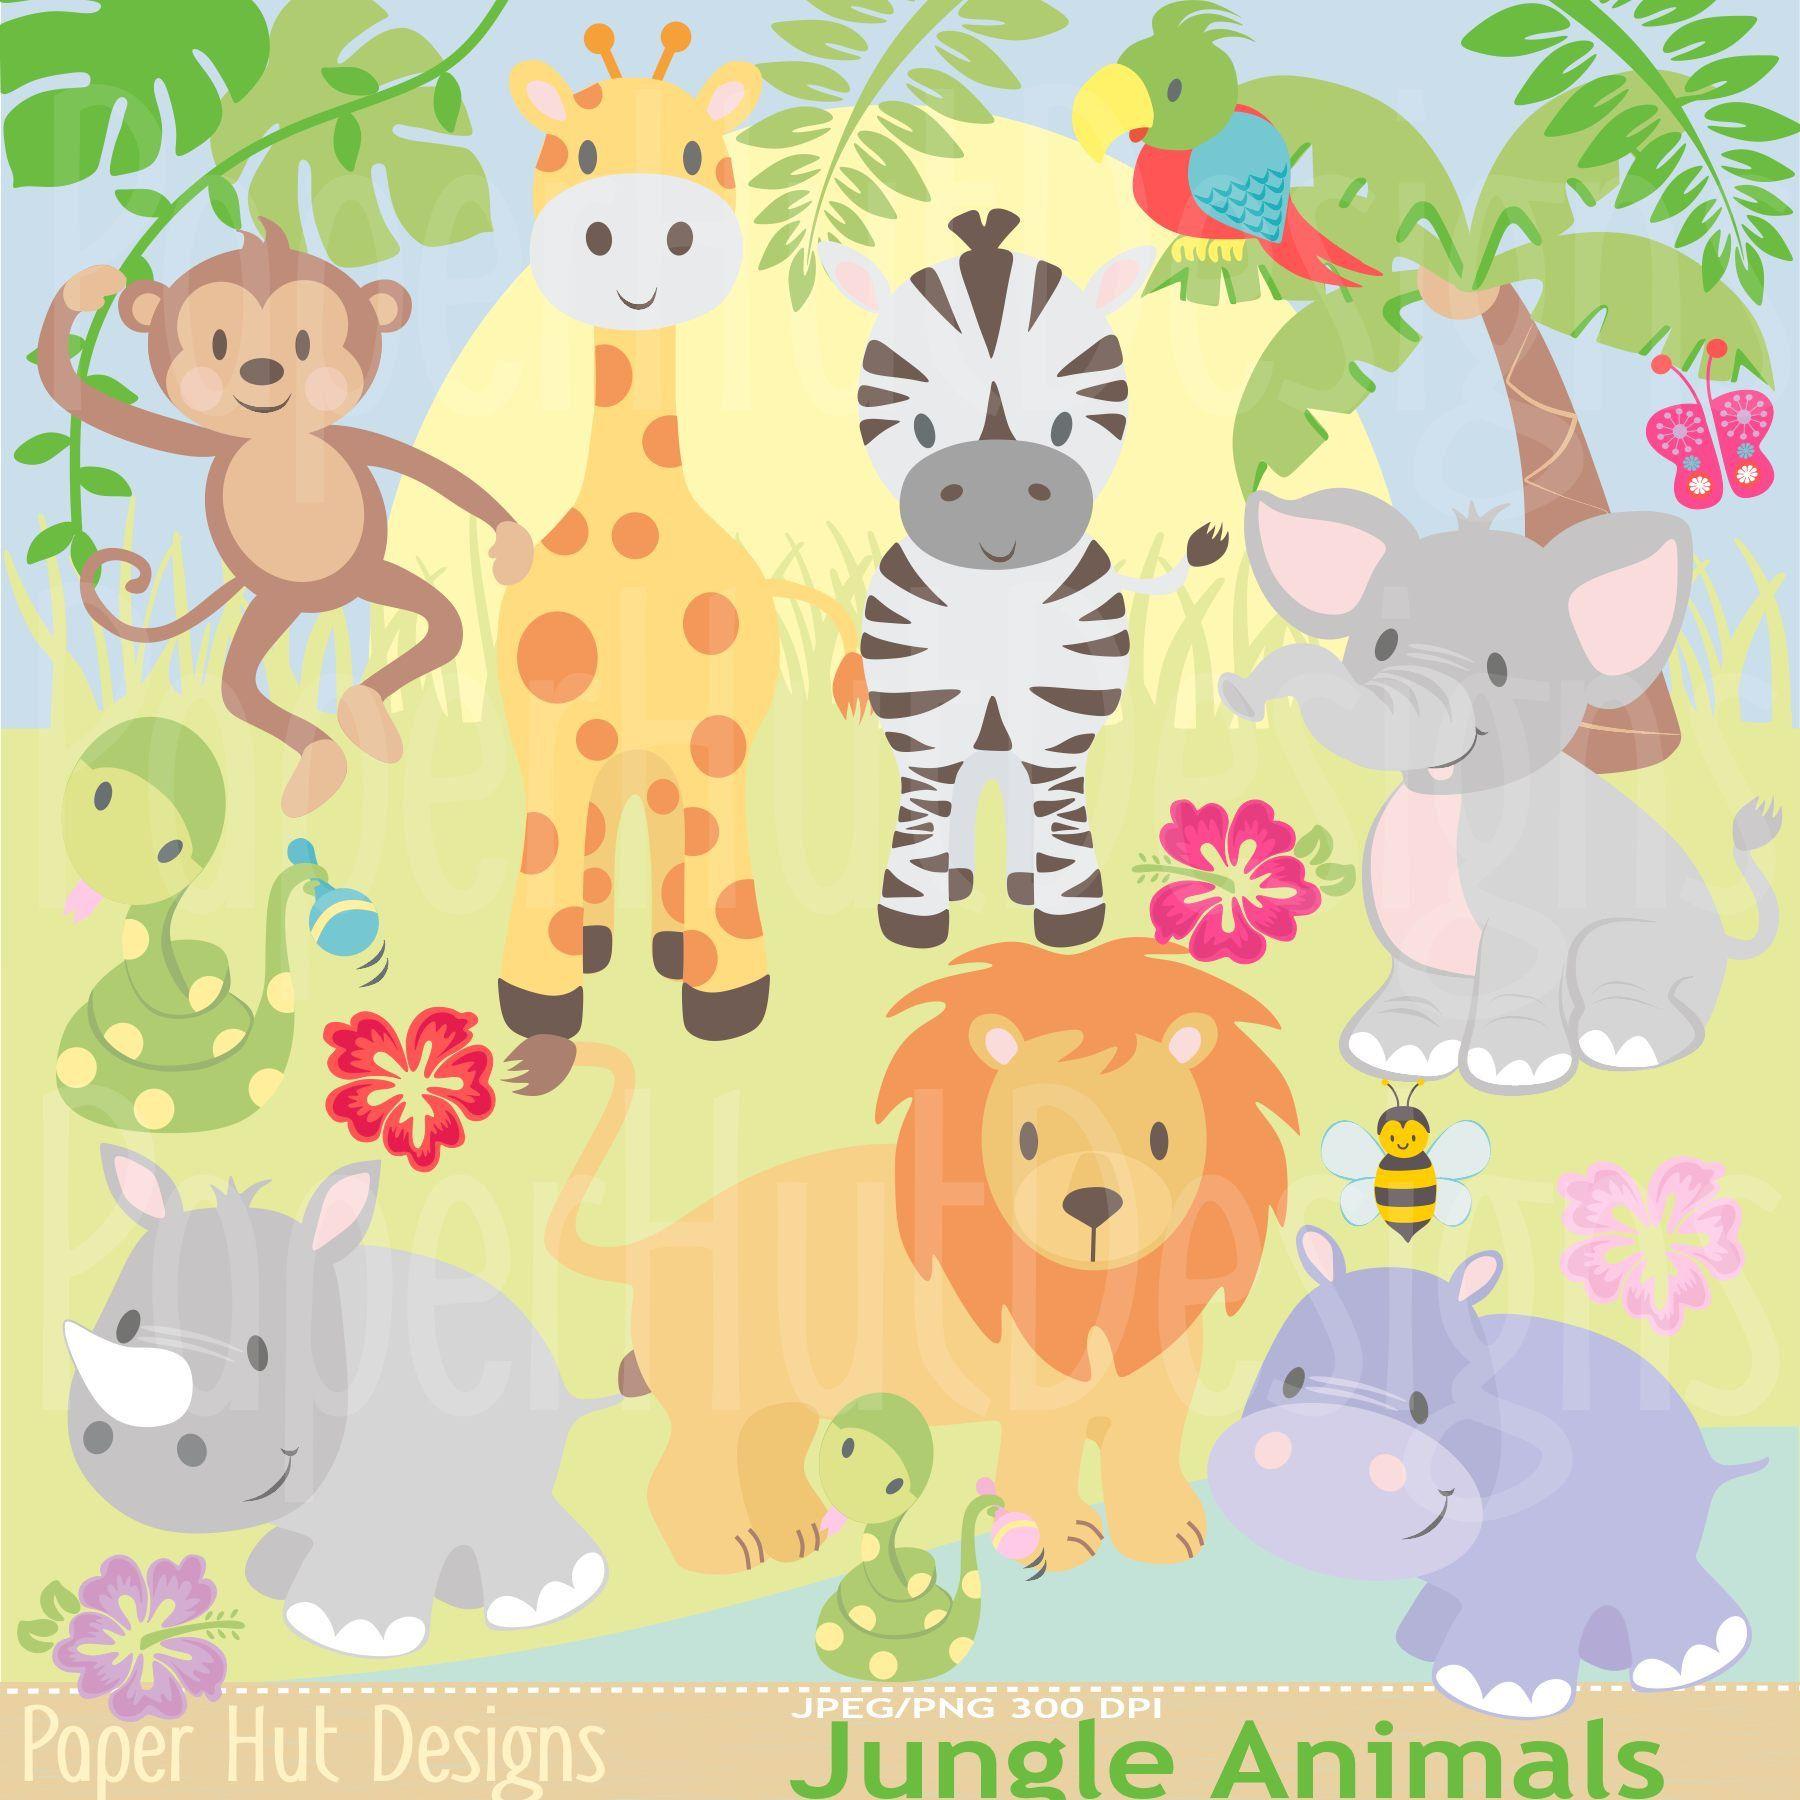 Jungle Animal ClipartSafari ClipartJungle Clip ArtZoo